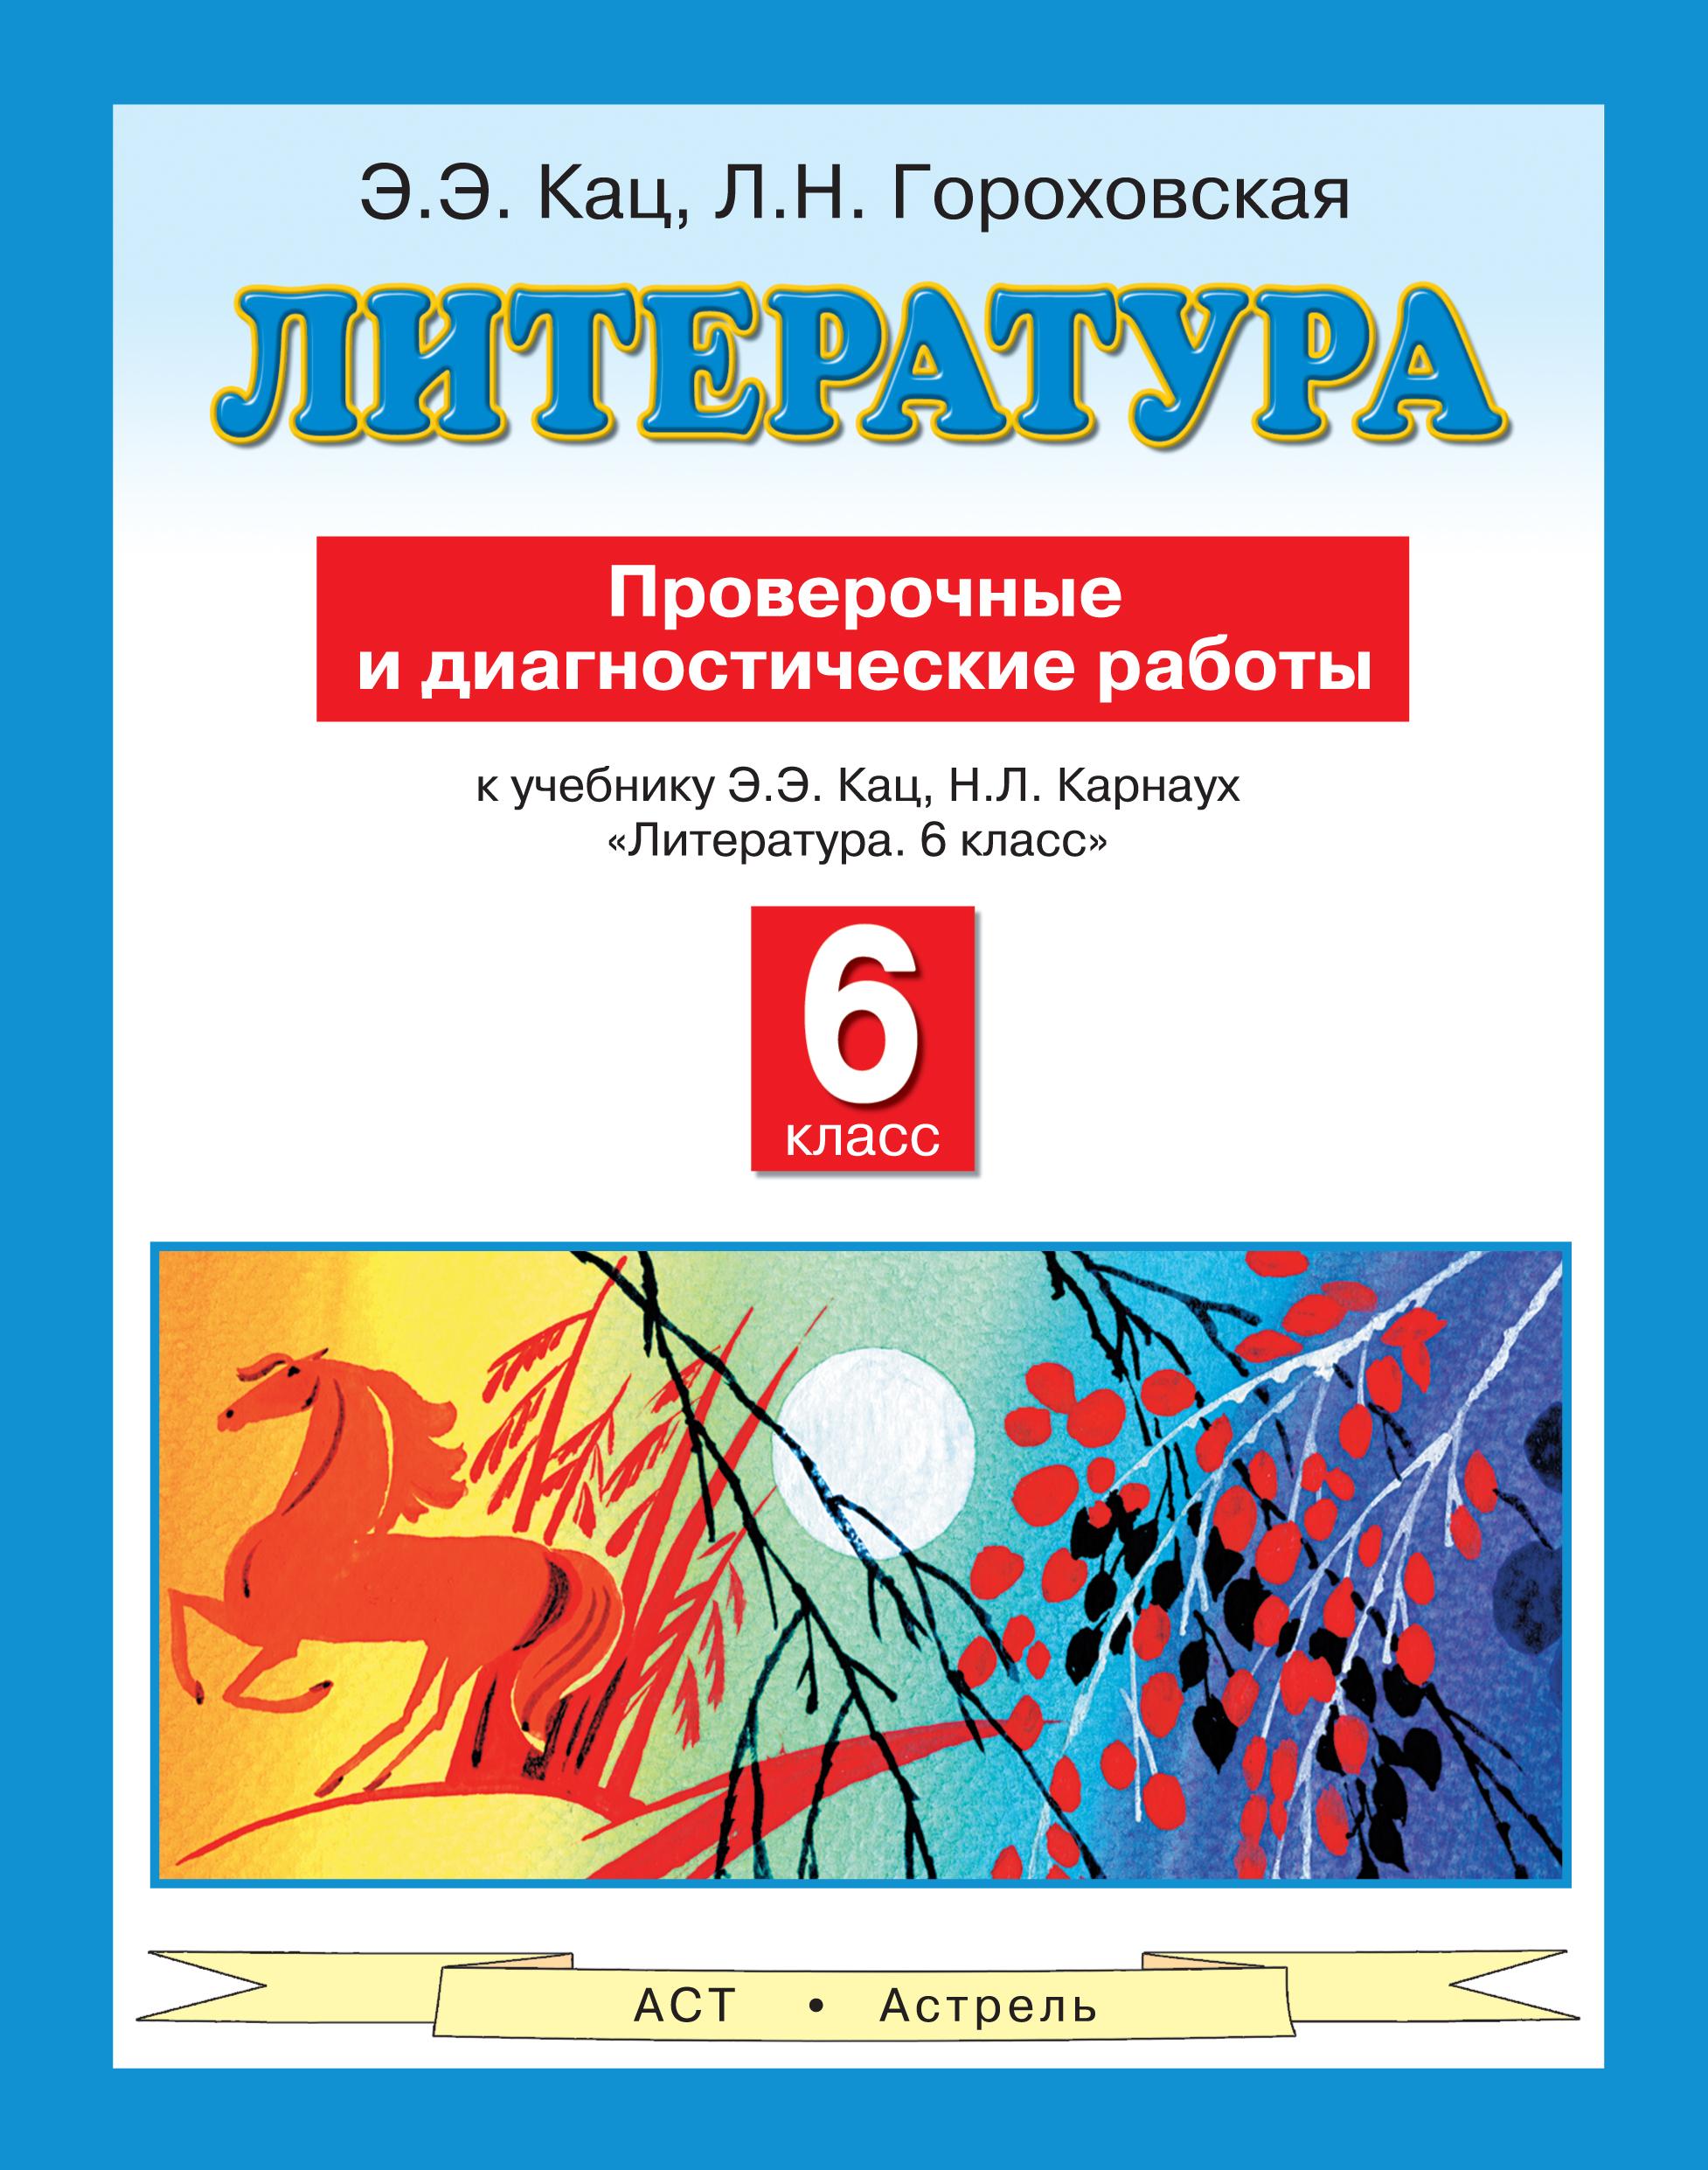 Гороховская Л.Н., Кац Э.Э. Литература. 6 класс. Проверочные и диагностические работы